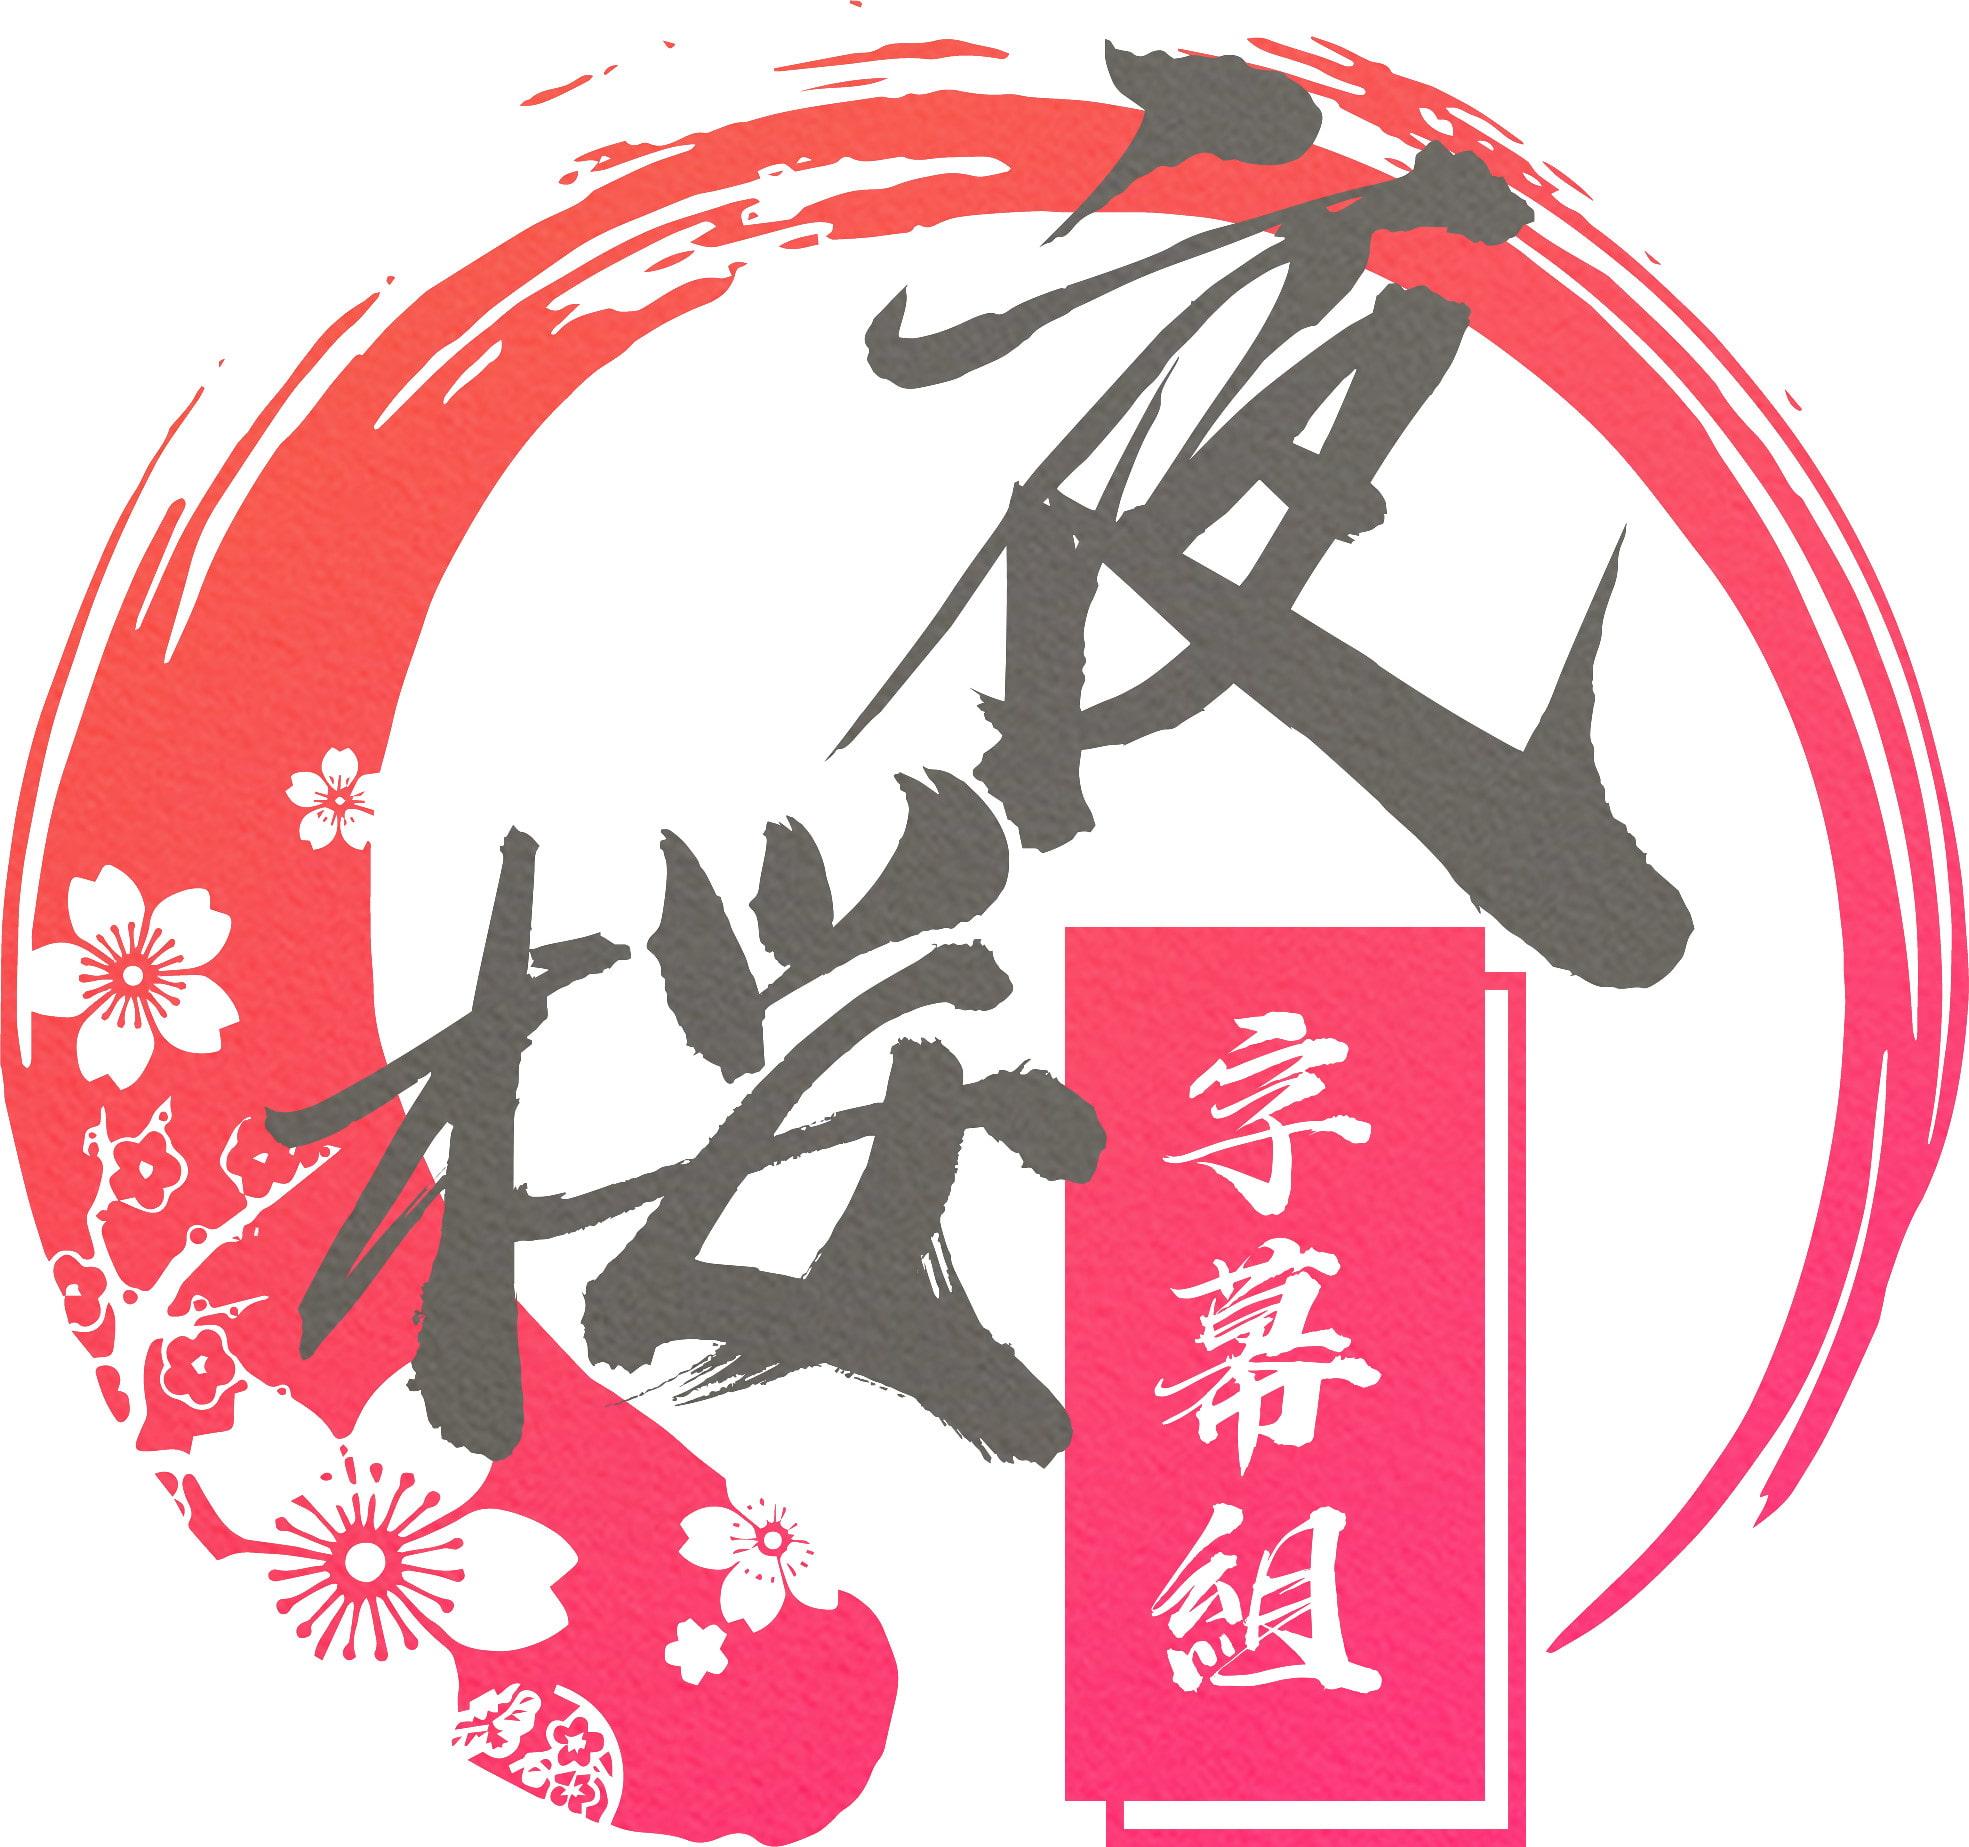 RJ325613 えっちな言葉で学ぼうよ日本語と中国語編 [20210428]